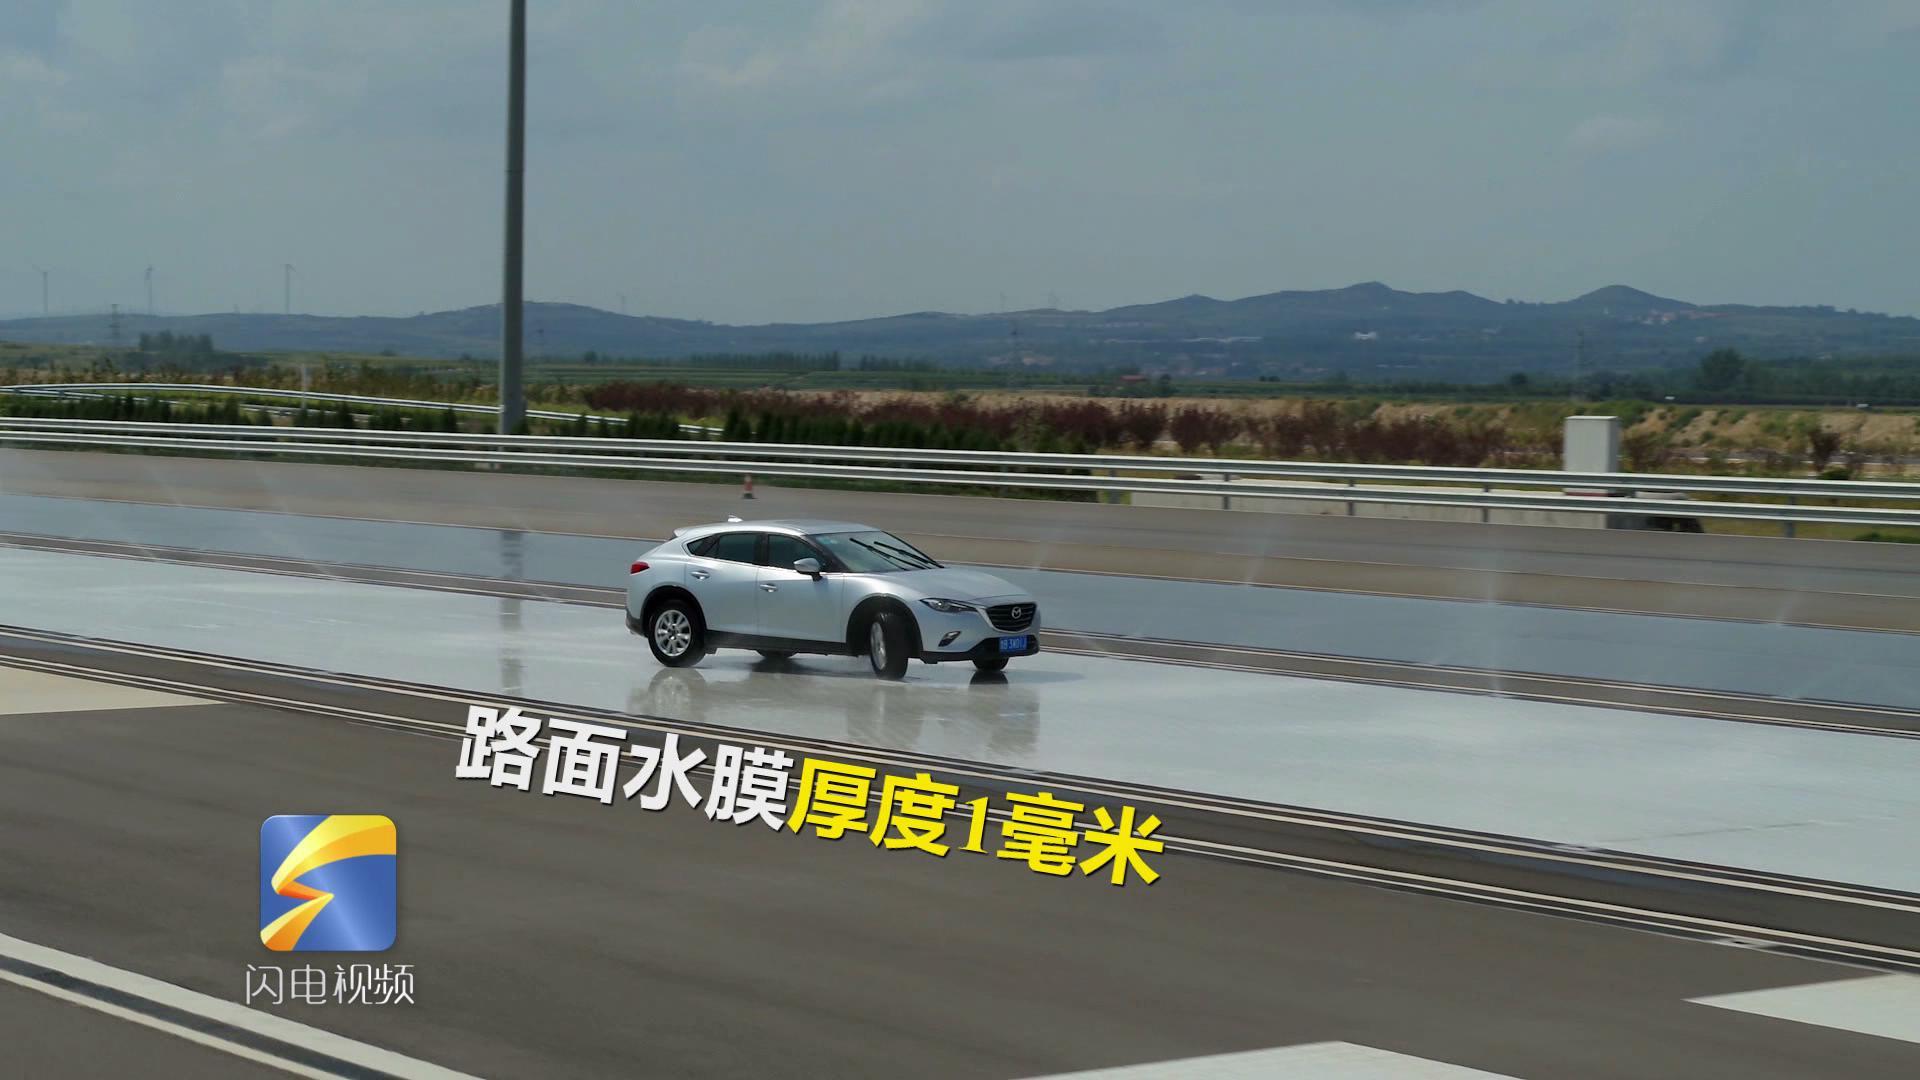 68秒 堪比F1赛道的轮胎试验场 助力中国轮胎行业转型升级_20190215103306.JPG